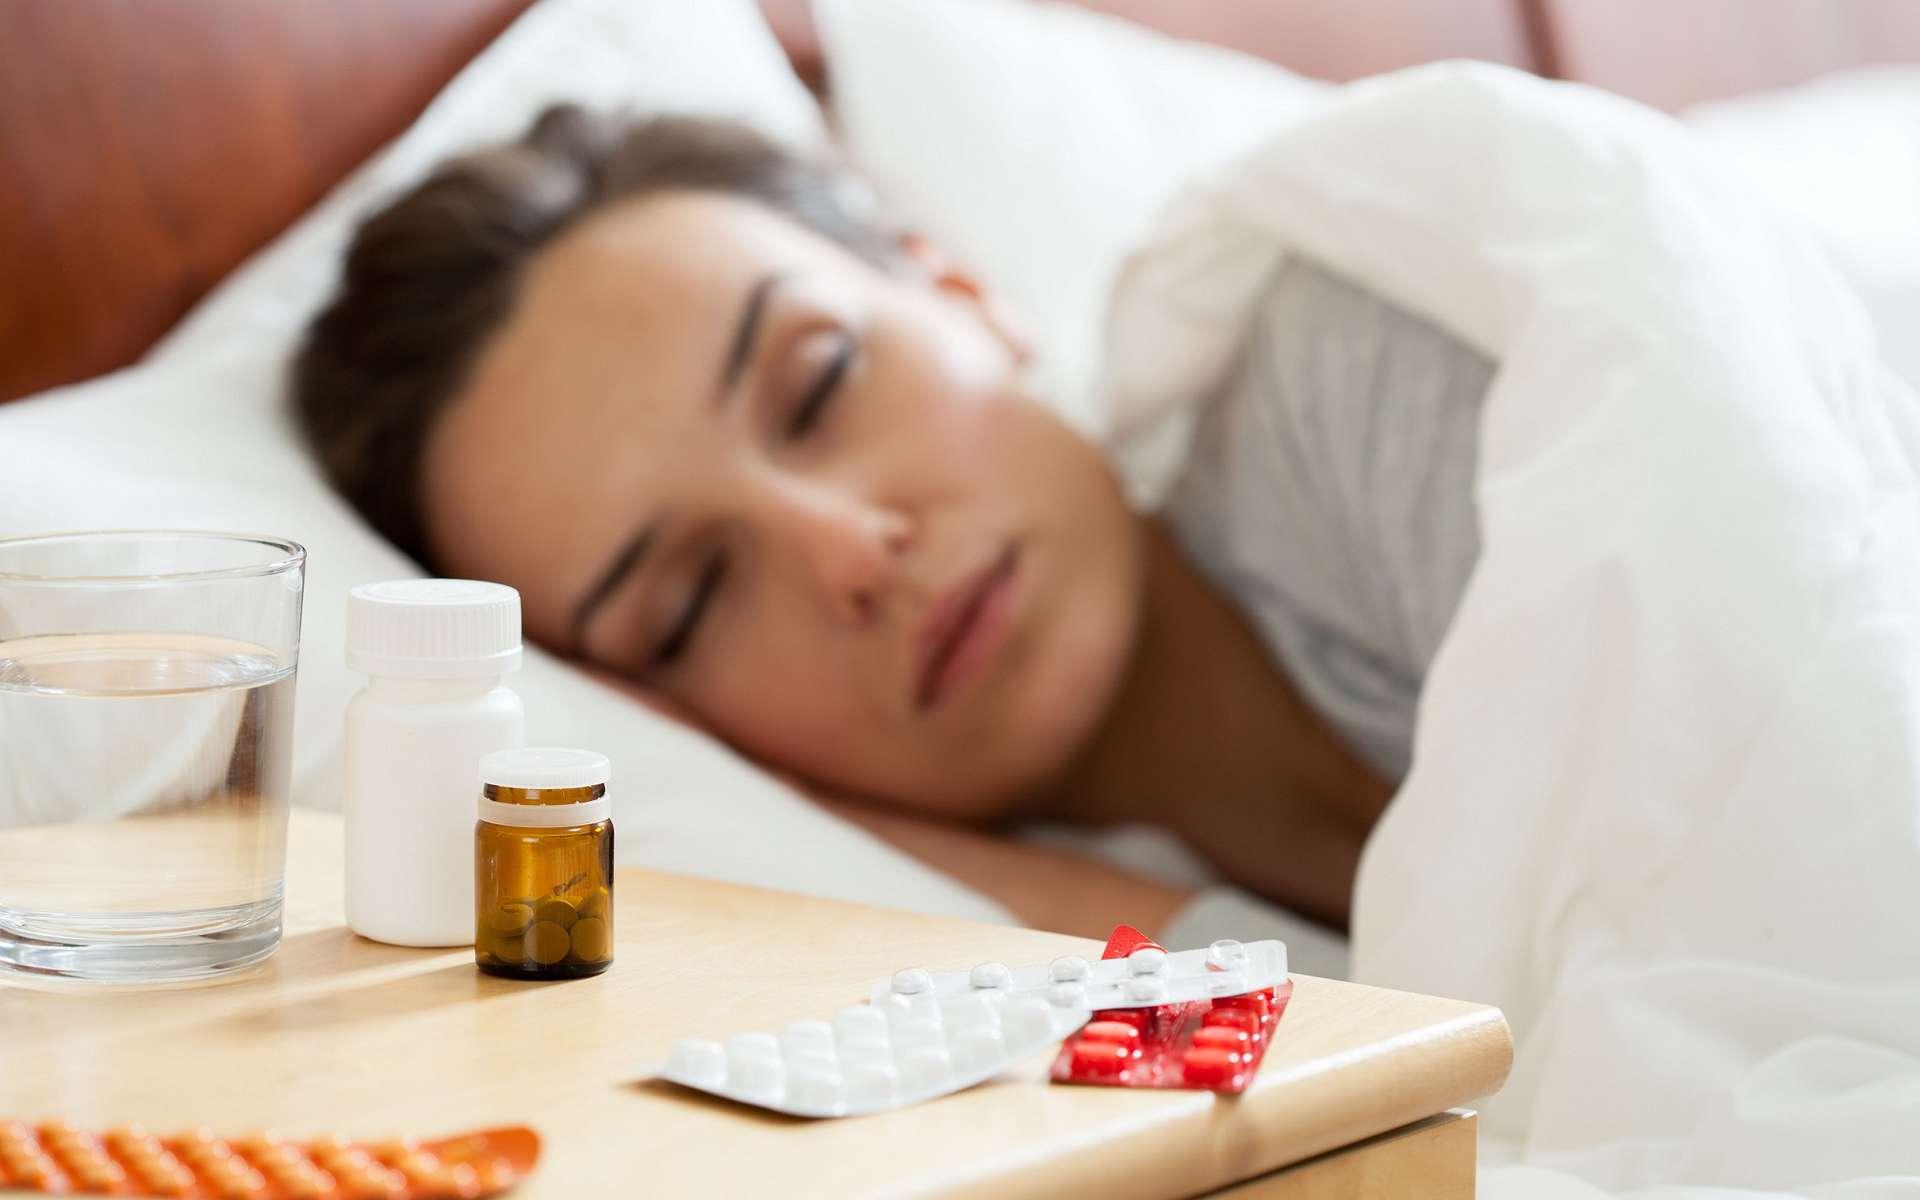 Les somnifères aident à dormir mais sont souvent associés à des effets secondaires. © Photographee.eu, Shutterstock